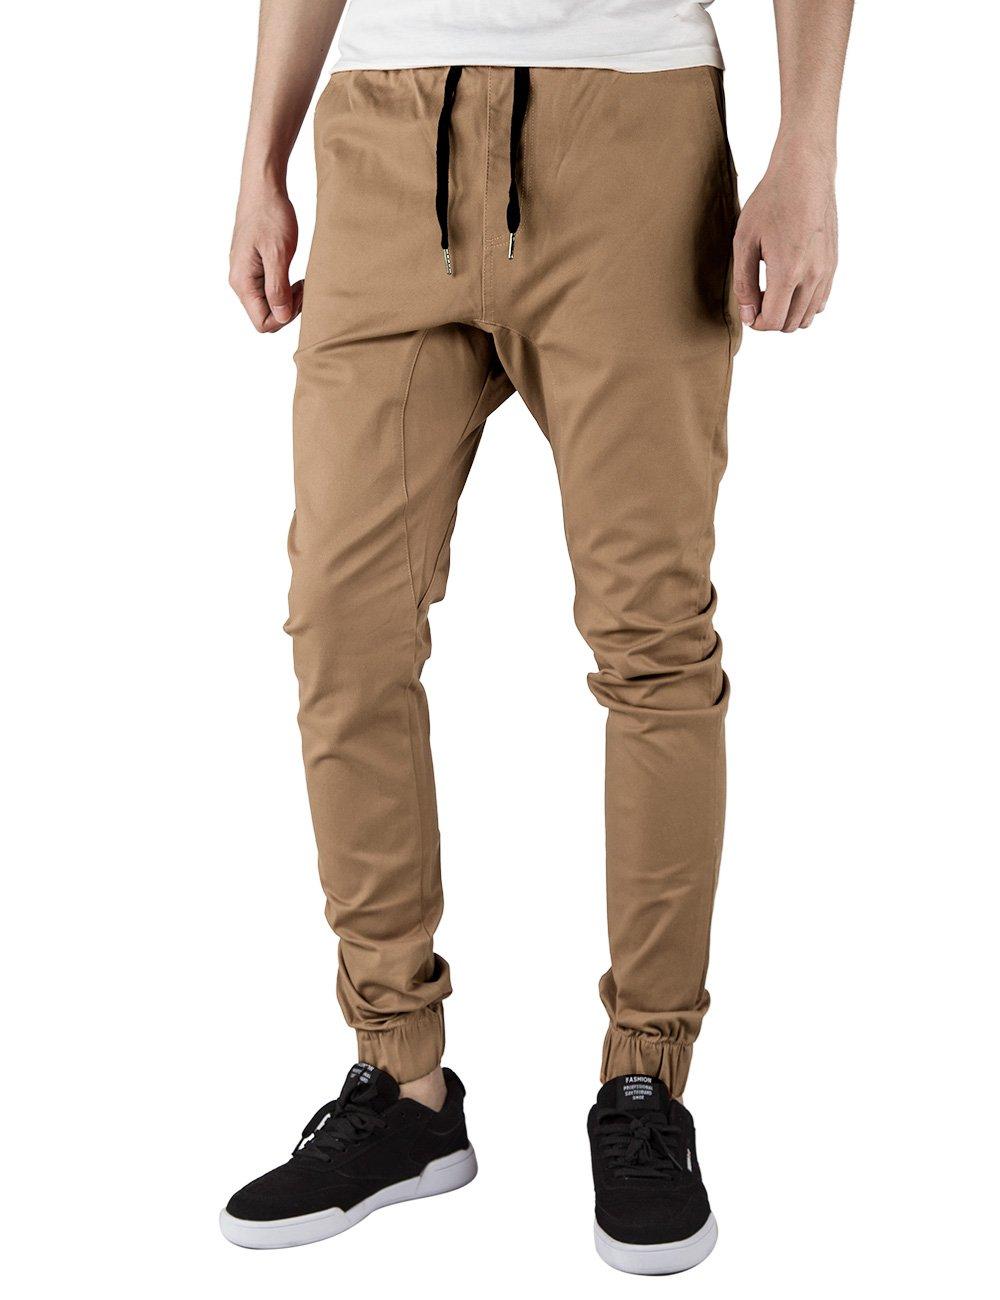 ITALY MORN Pantalón para Hombre Casual Chino Jogging Algodón 20 Colores